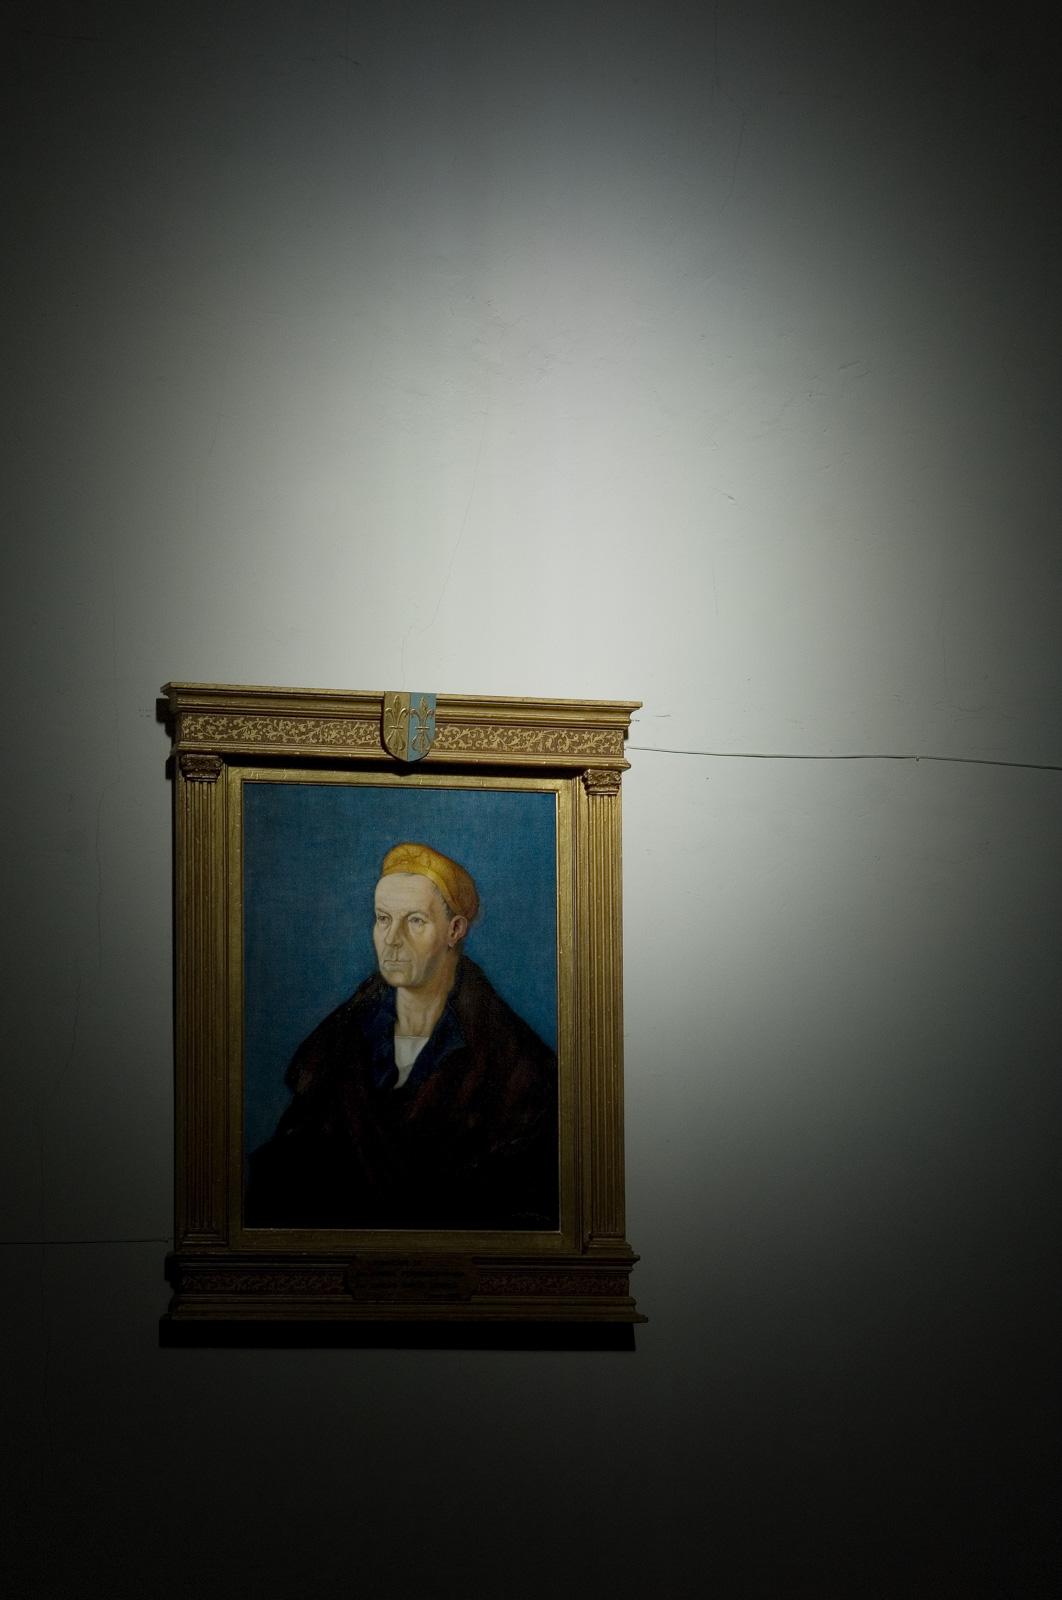 Un retrato de Durero resplandeciendo entre la umbría. Manuel Ruiz Toribio.